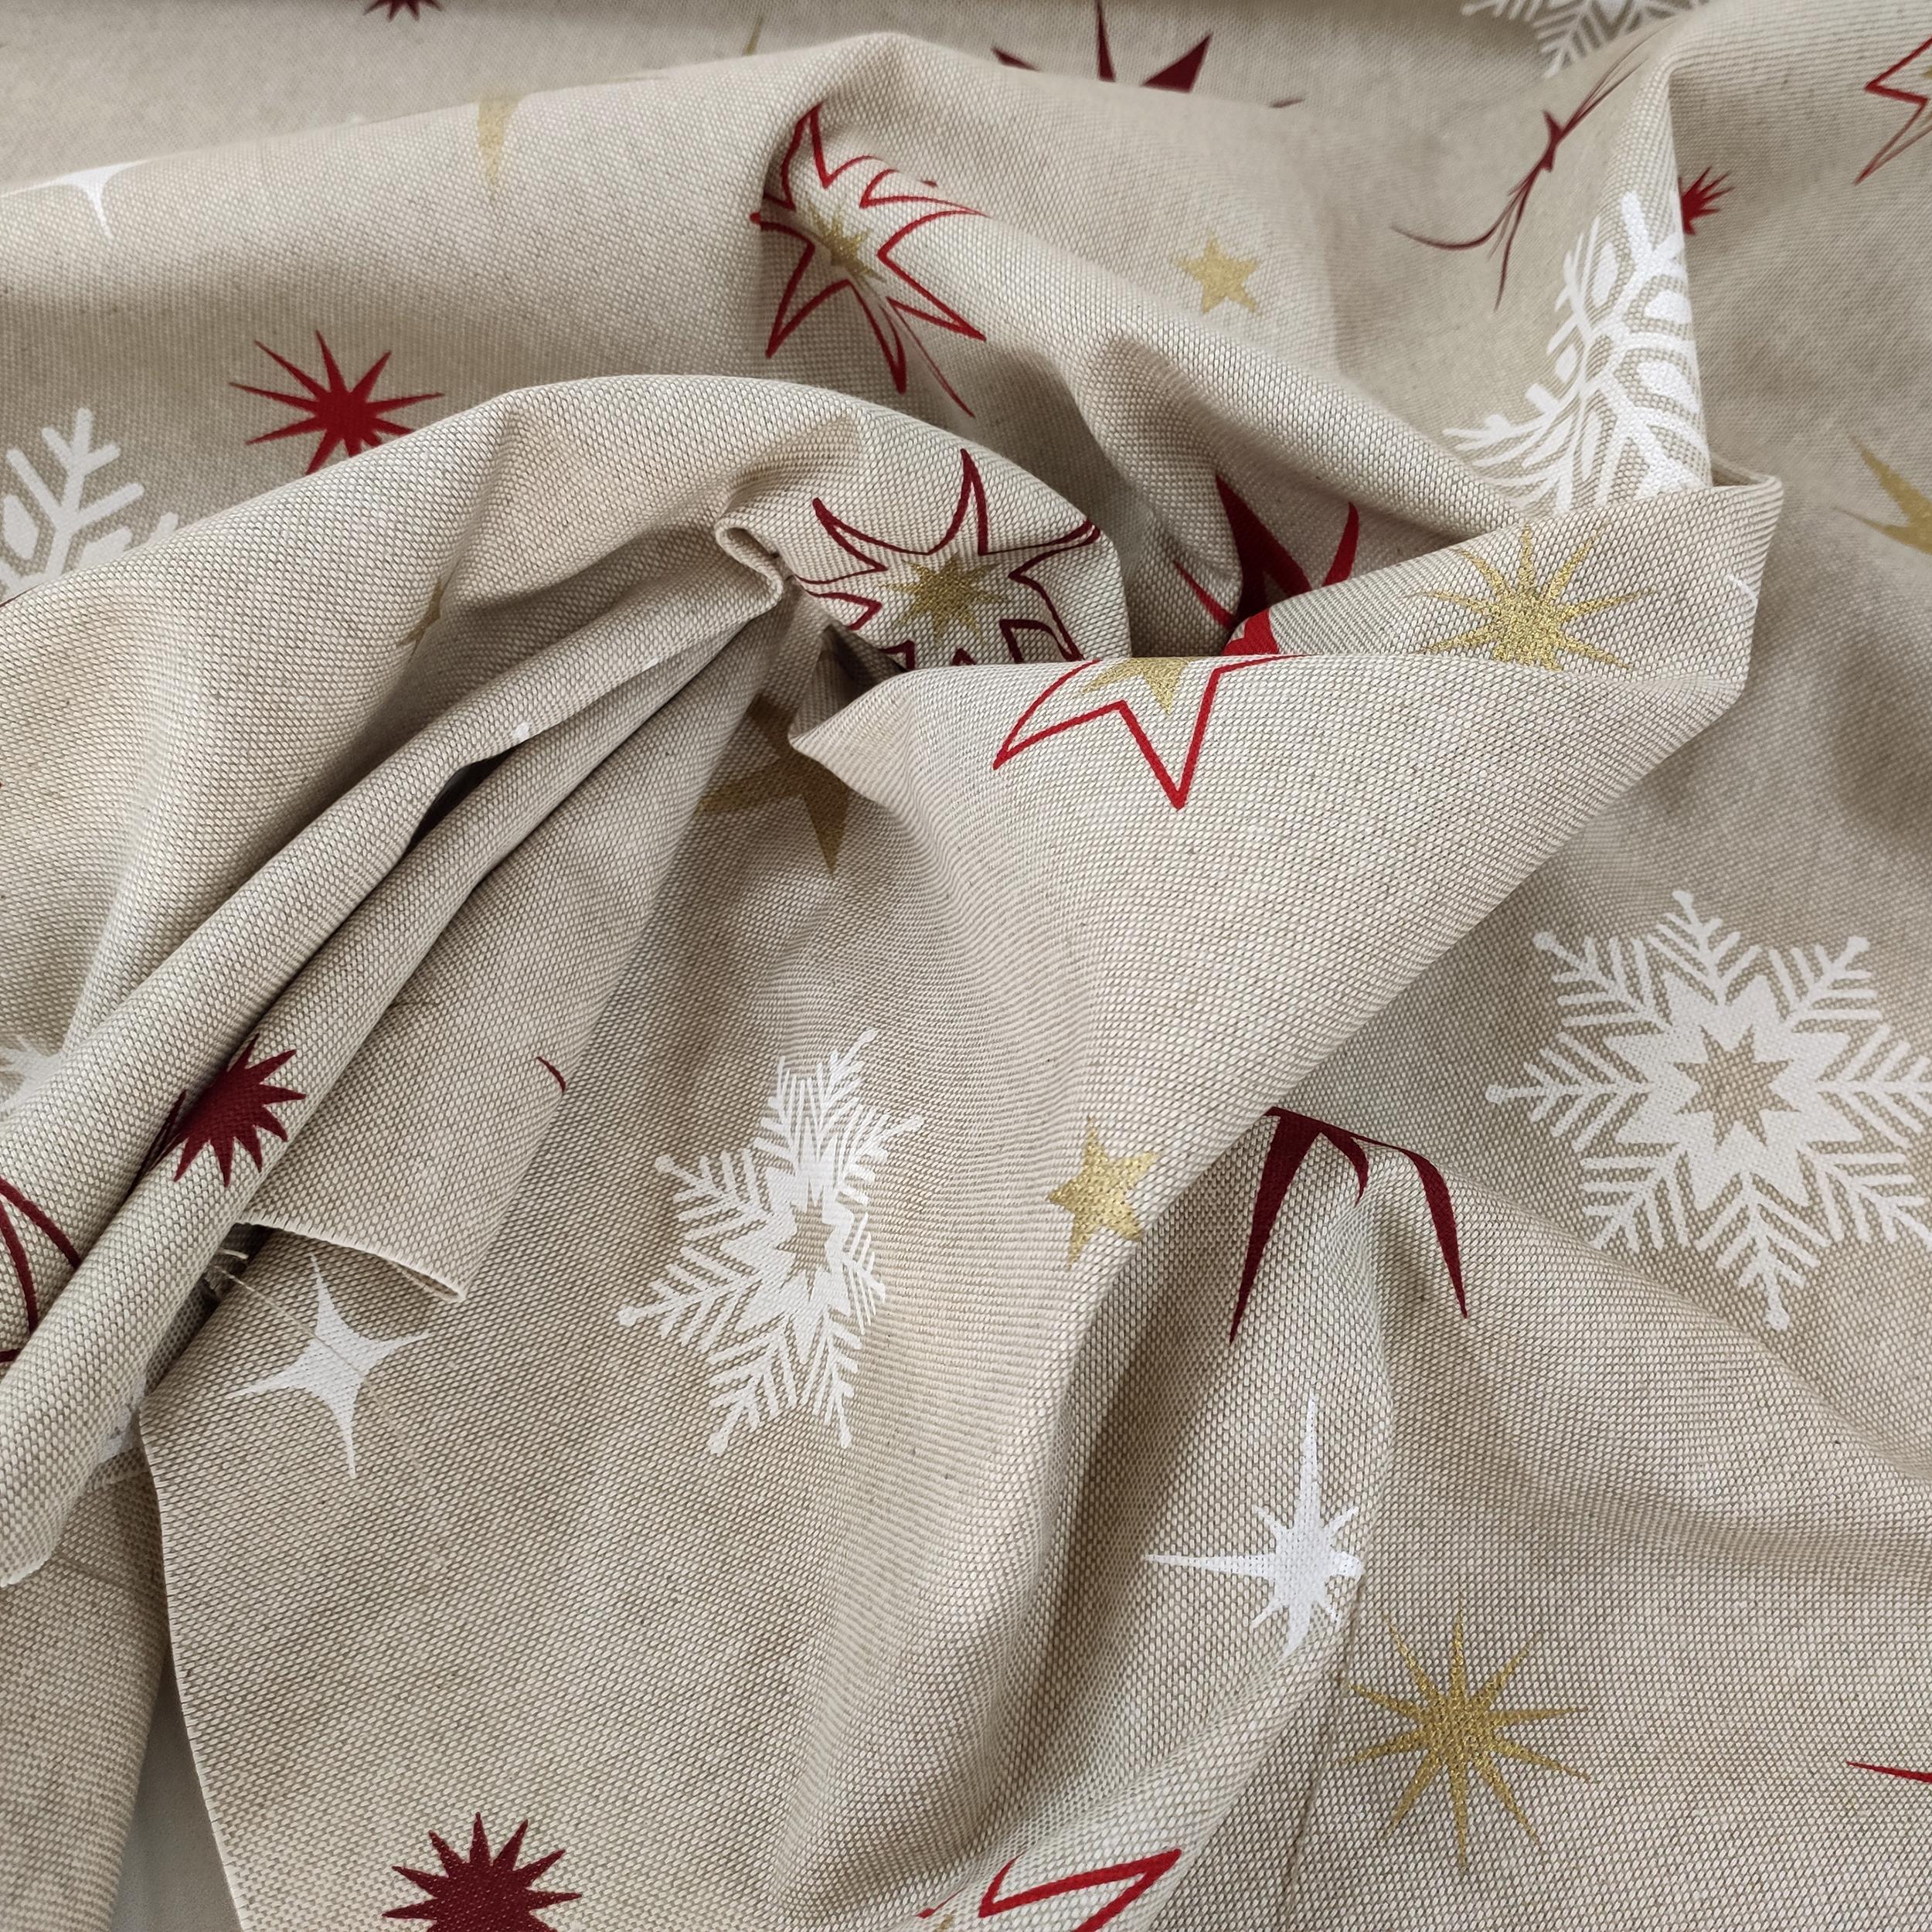 Tessuto Misto Cotone Fantasia Stelle e Fiocchi di Neve